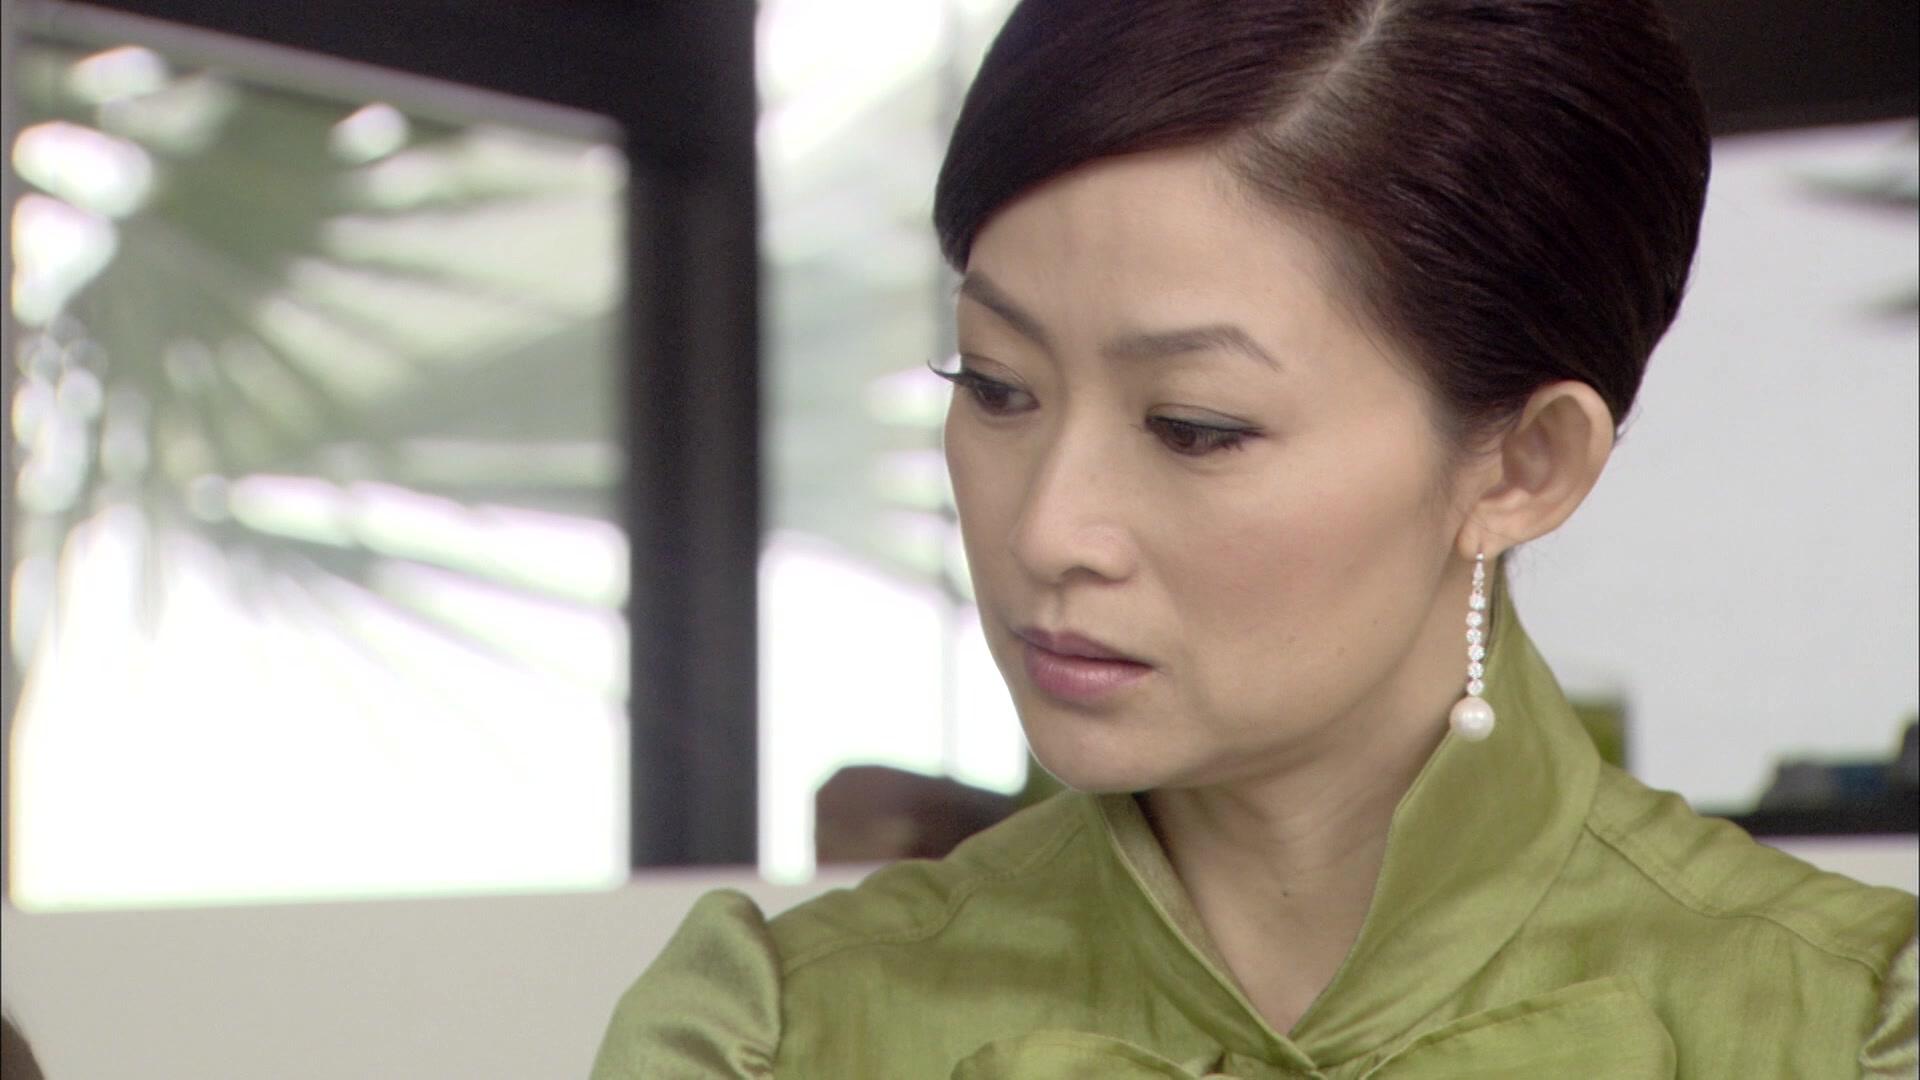 Autumn s concerto wallpaper - Autumn S Concerto Episode 29 Watch Full Episodes Free Taiwan Tv Shows Rakuten Viki